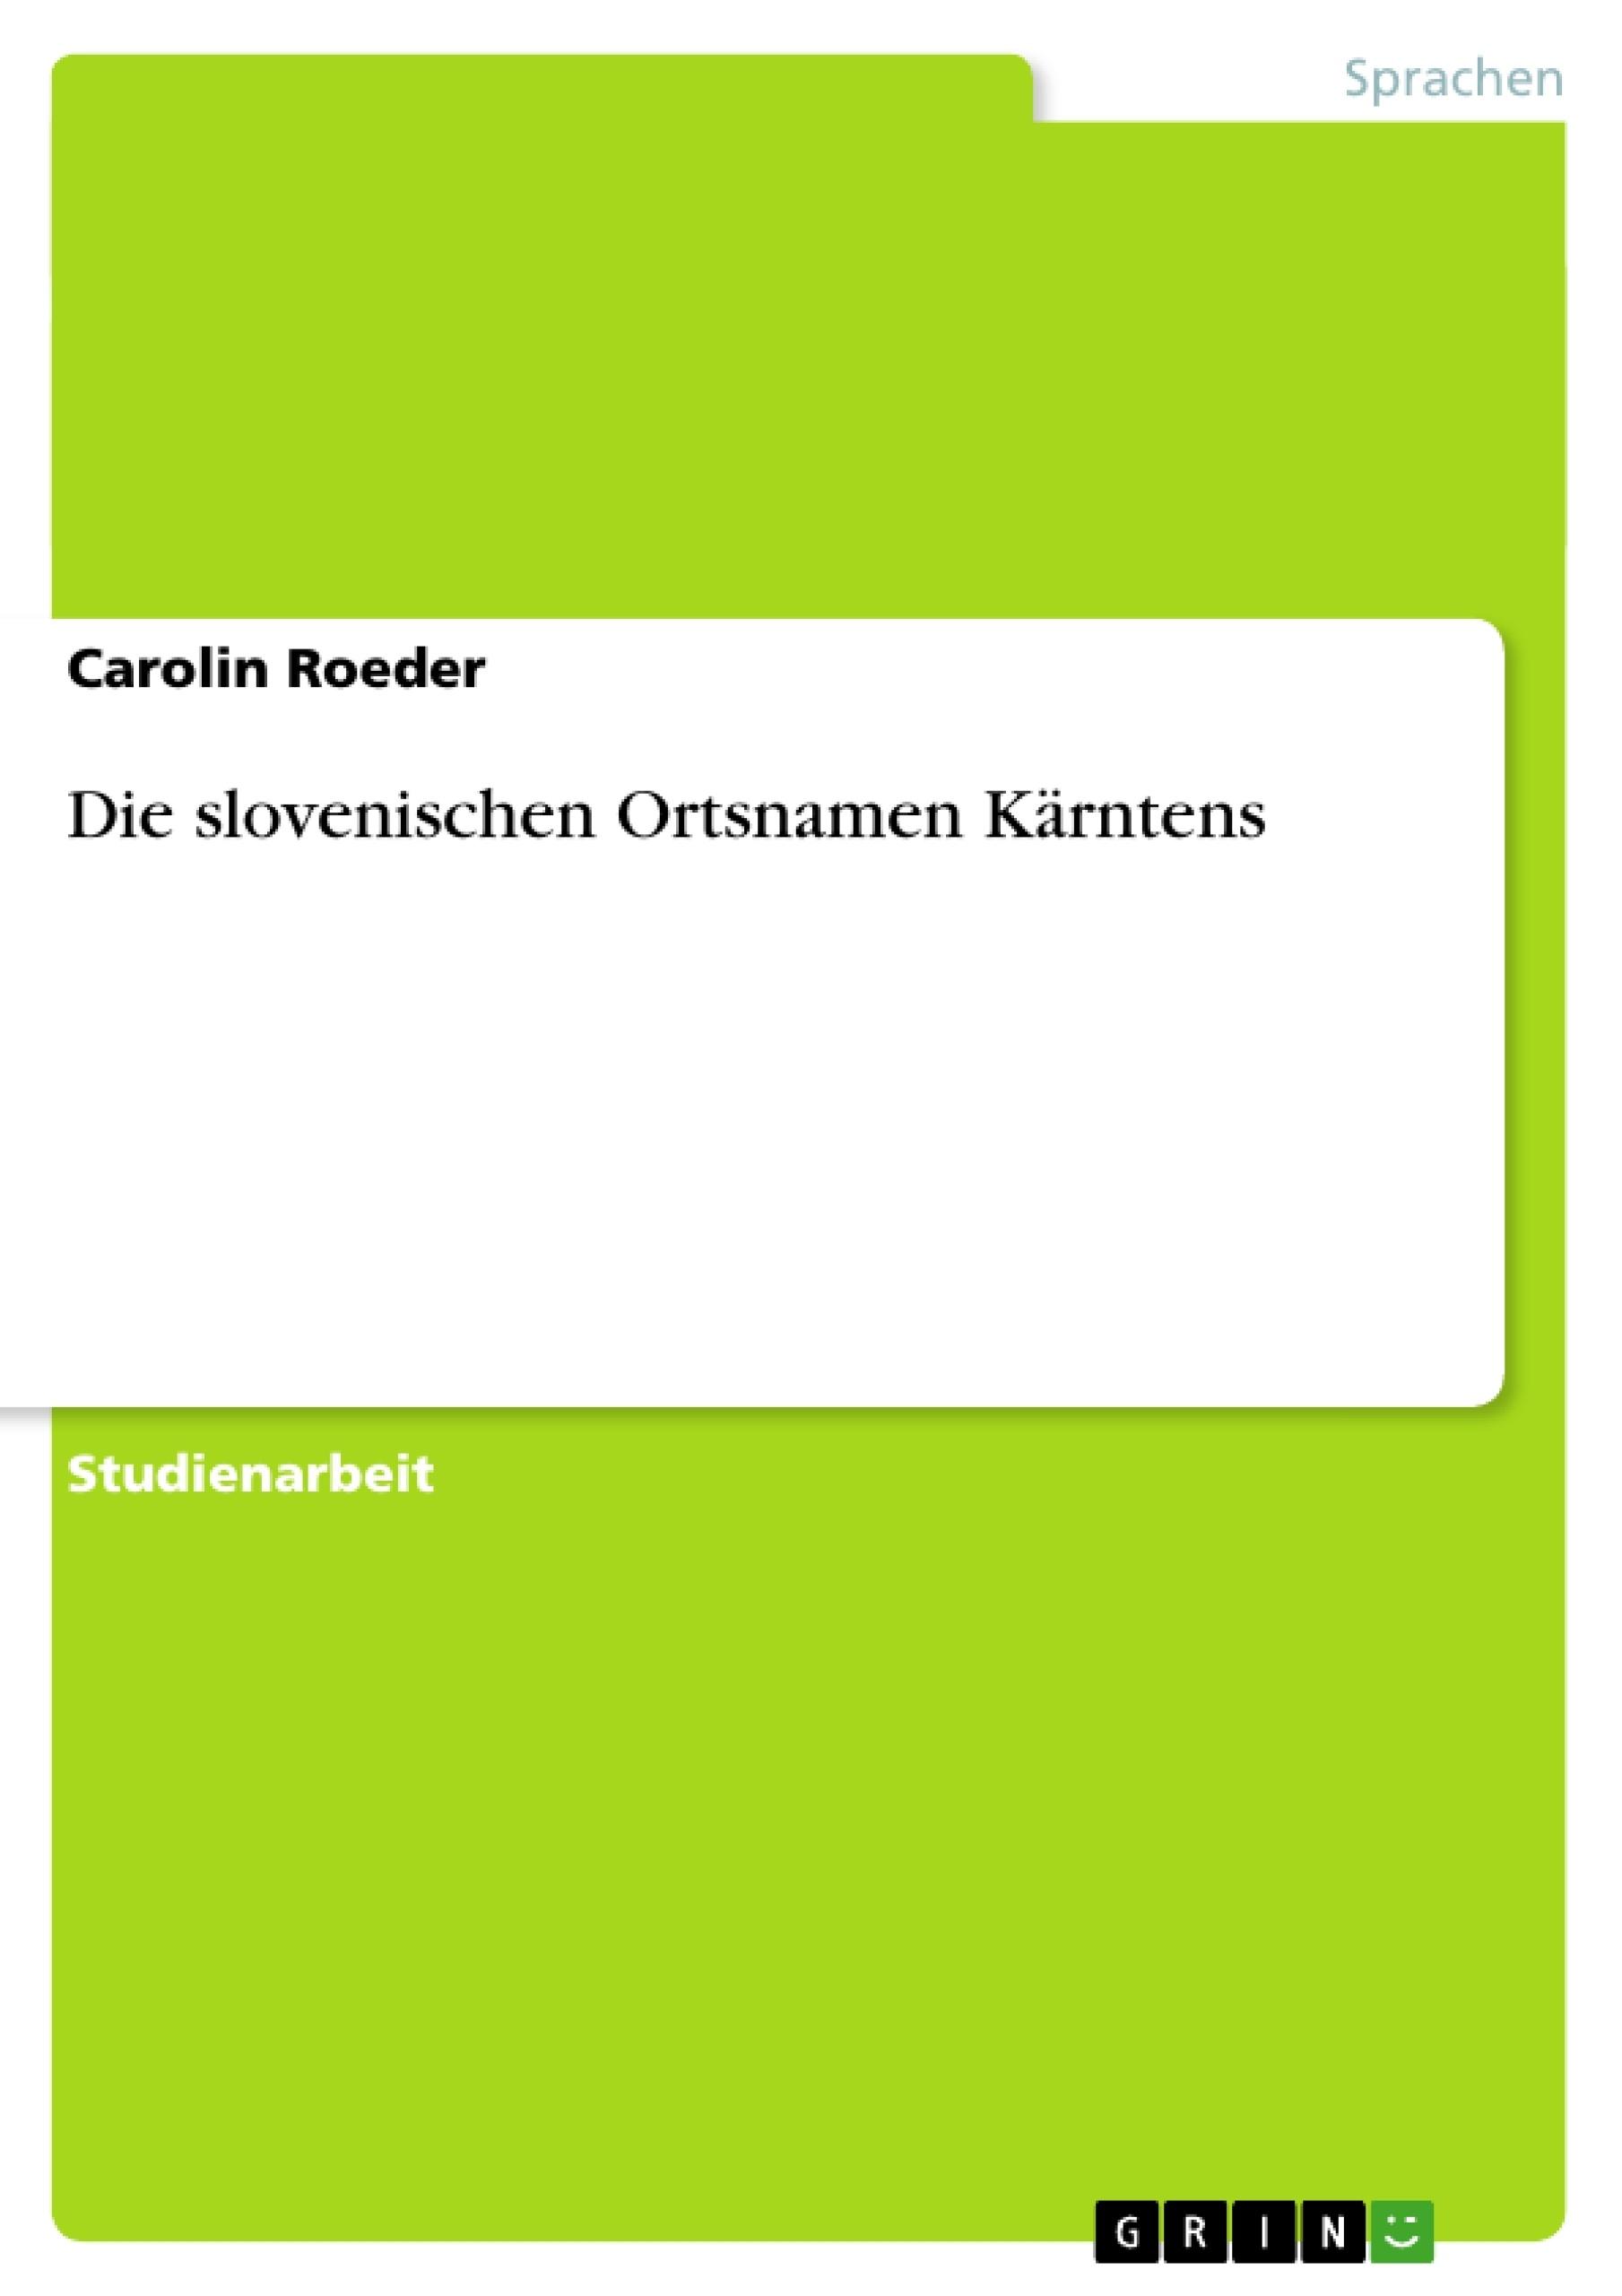 Titel: Die slovenischen Ortsnamen Kärntens